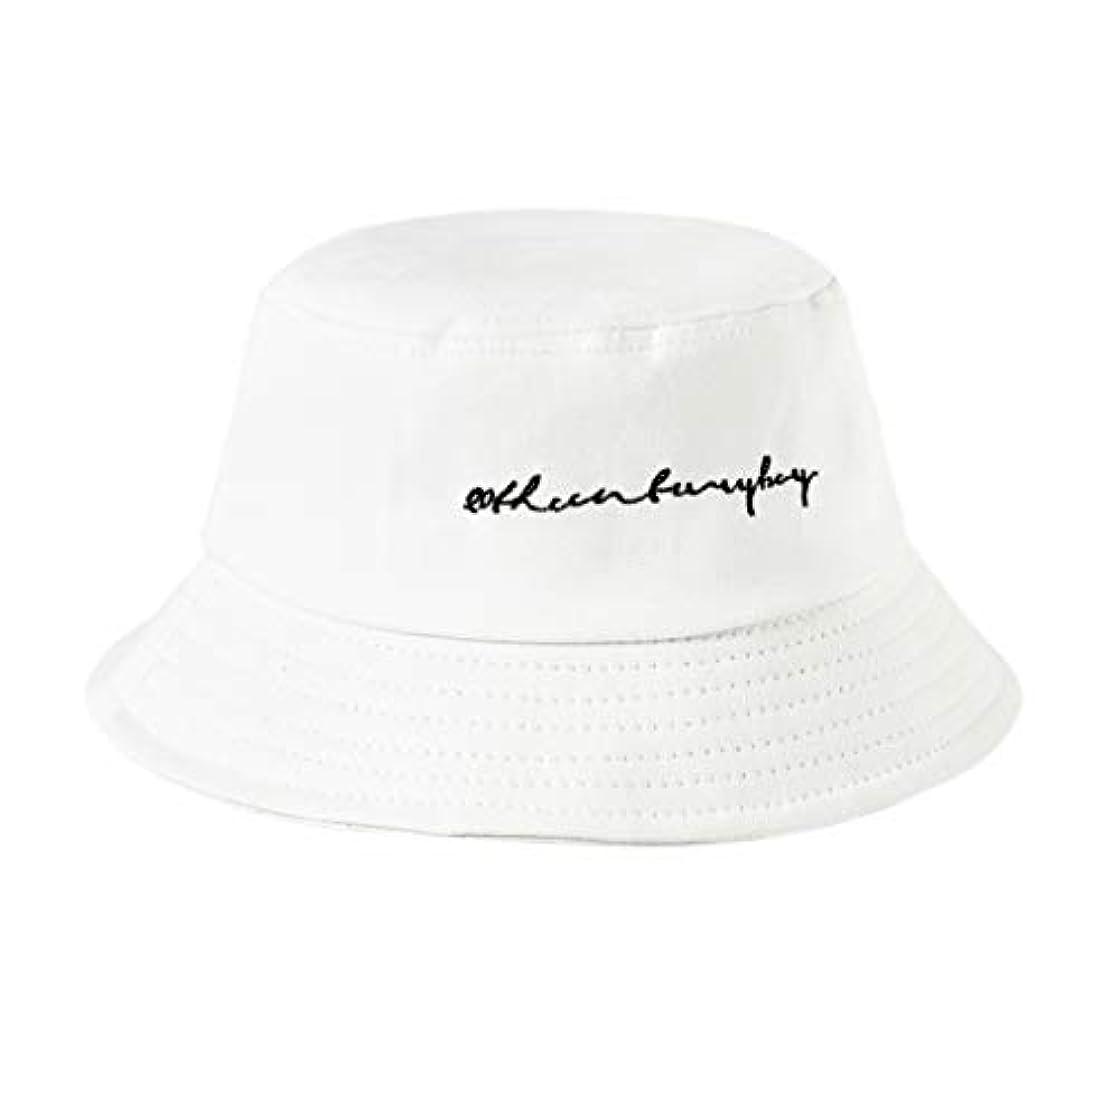 バイパス正気涙が出るManyao 22色女性女の子面白い刺繍手紙広いつばバケツ帽子夏カジュアル原宿ヒップホップ学生スポーツ漁師キャップ